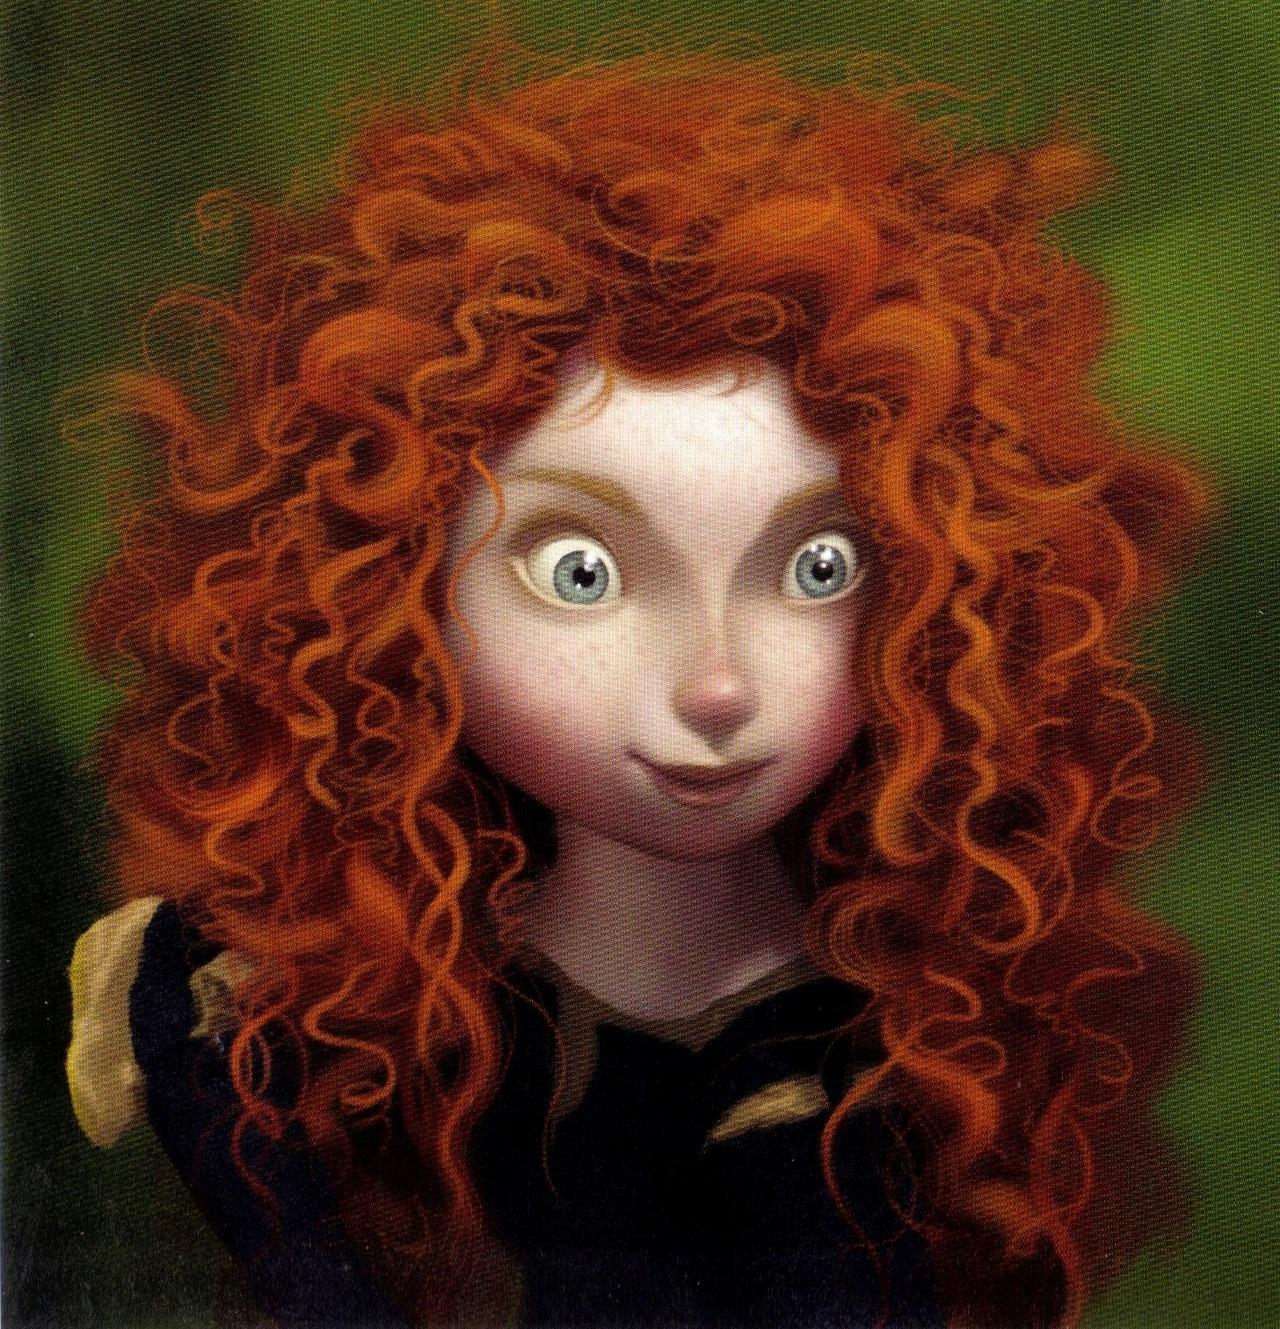 Фото девочка из мультика с красными волосами 1 фотография